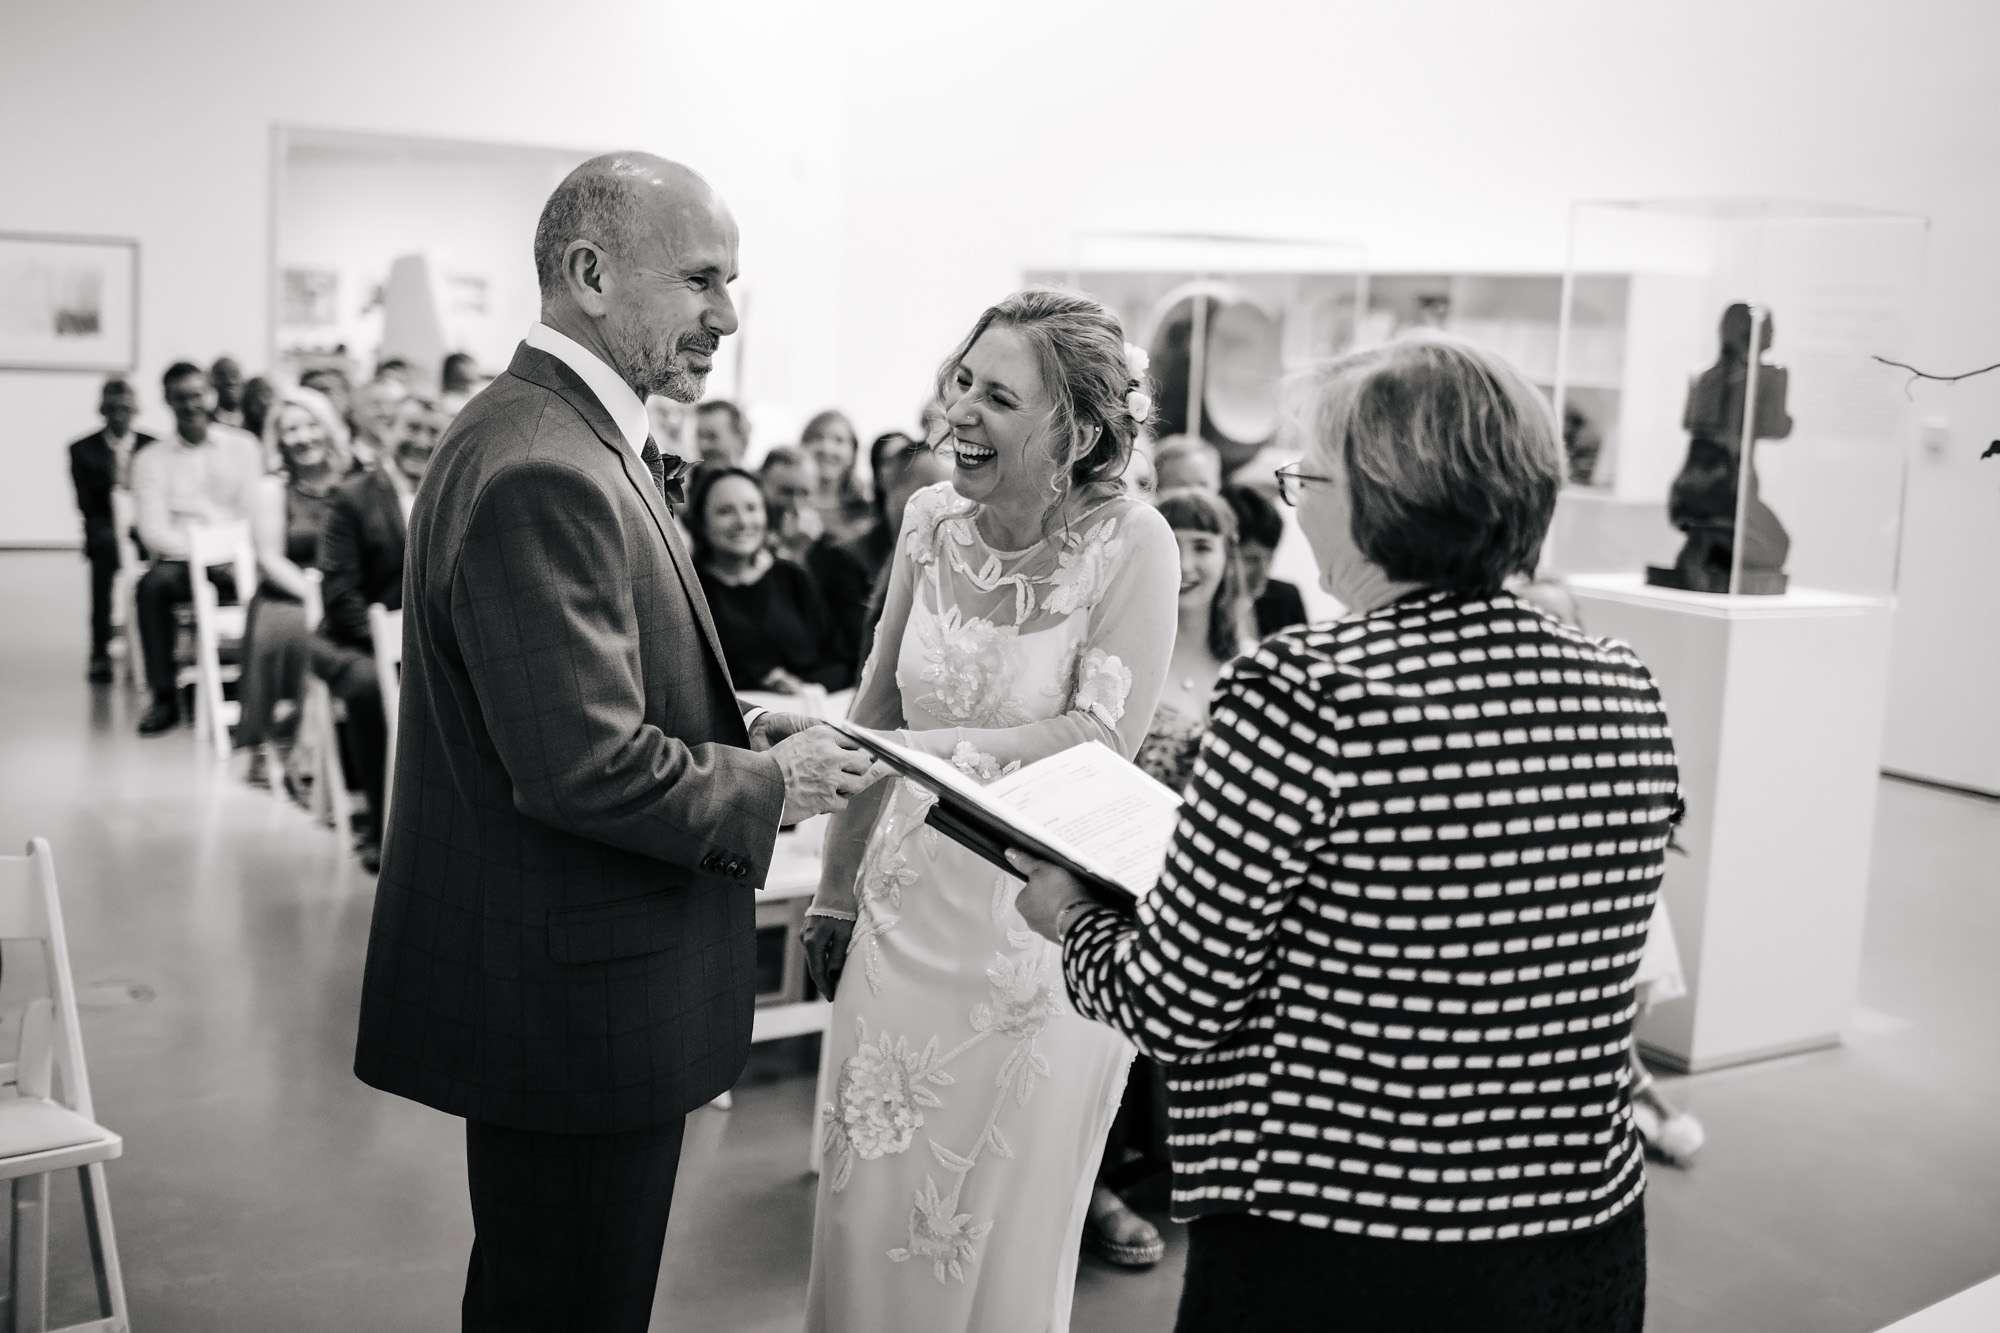 Bride and groom exchange rings at a Hepworth Art Gallery wedding